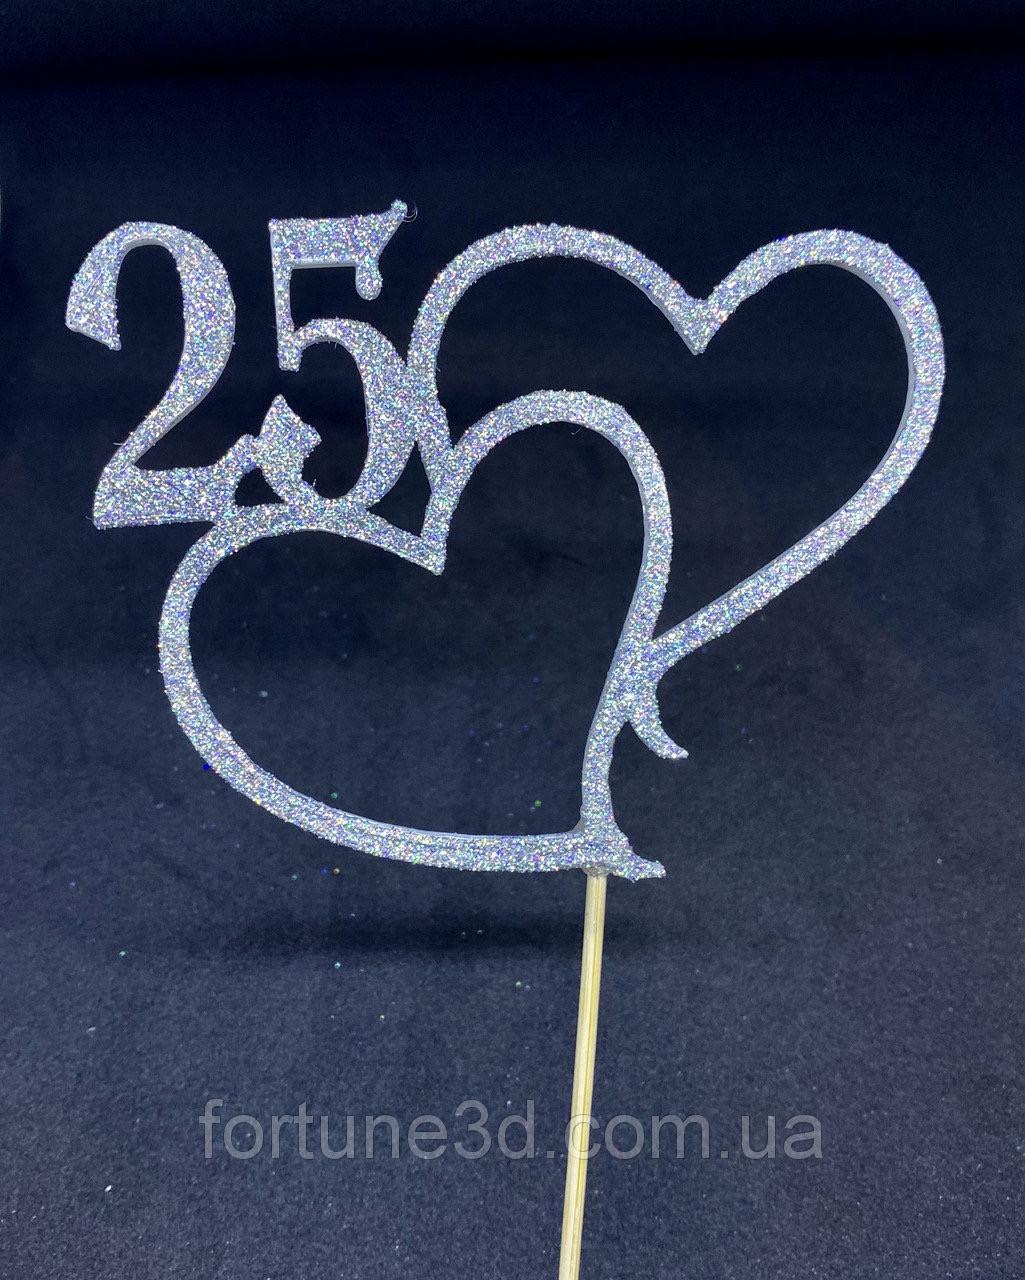 Топпер 2 сердца с индивидуальной цифрой  Пластиковые топперы Топперы в блестках Топперы на заказ